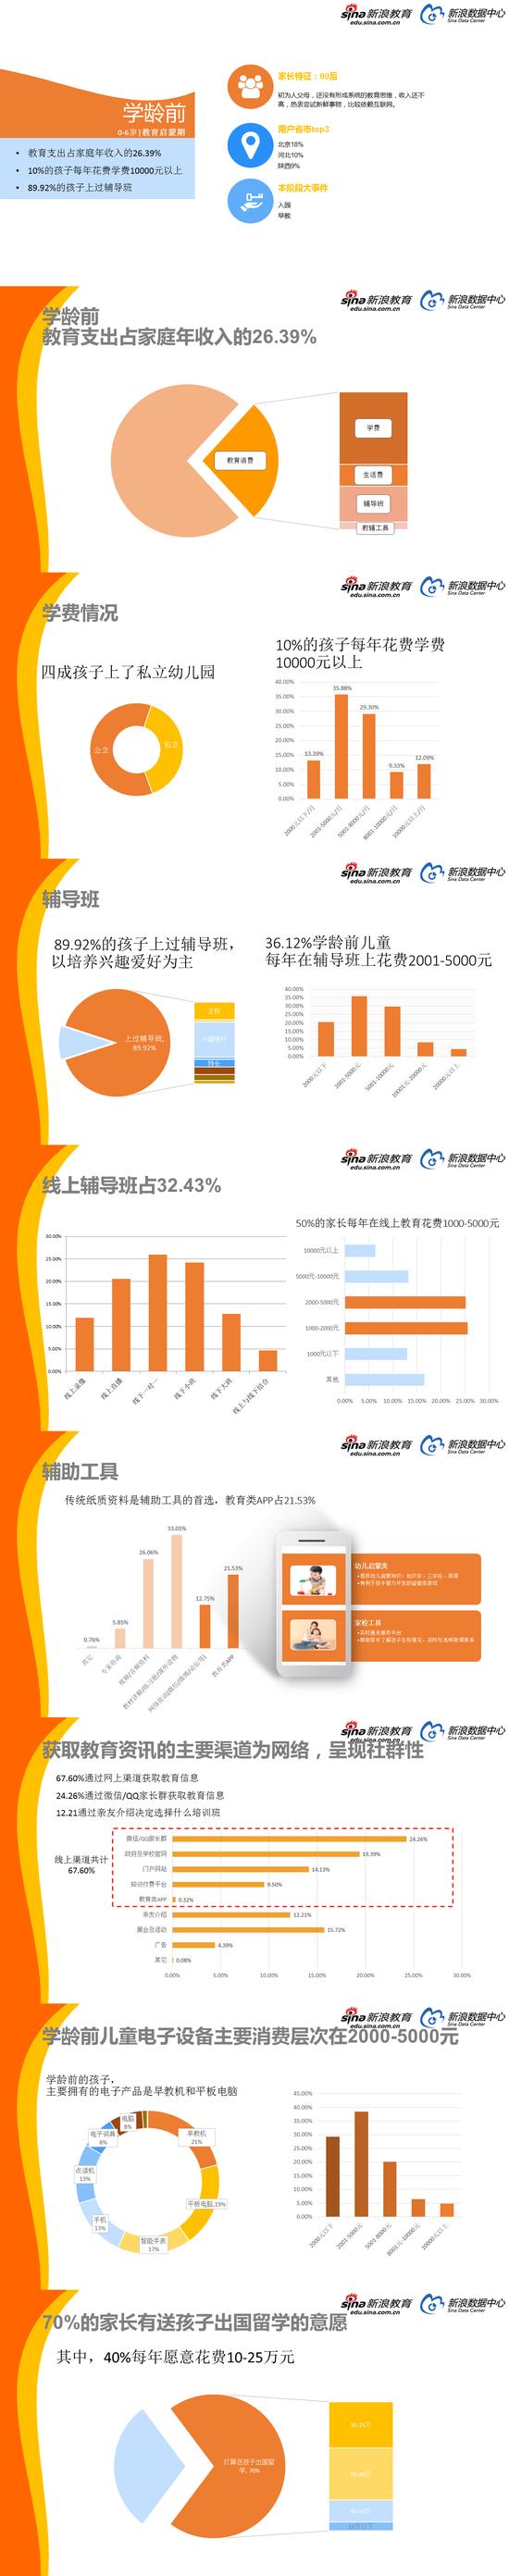 2017中国家庭教育消费白皮书(2)